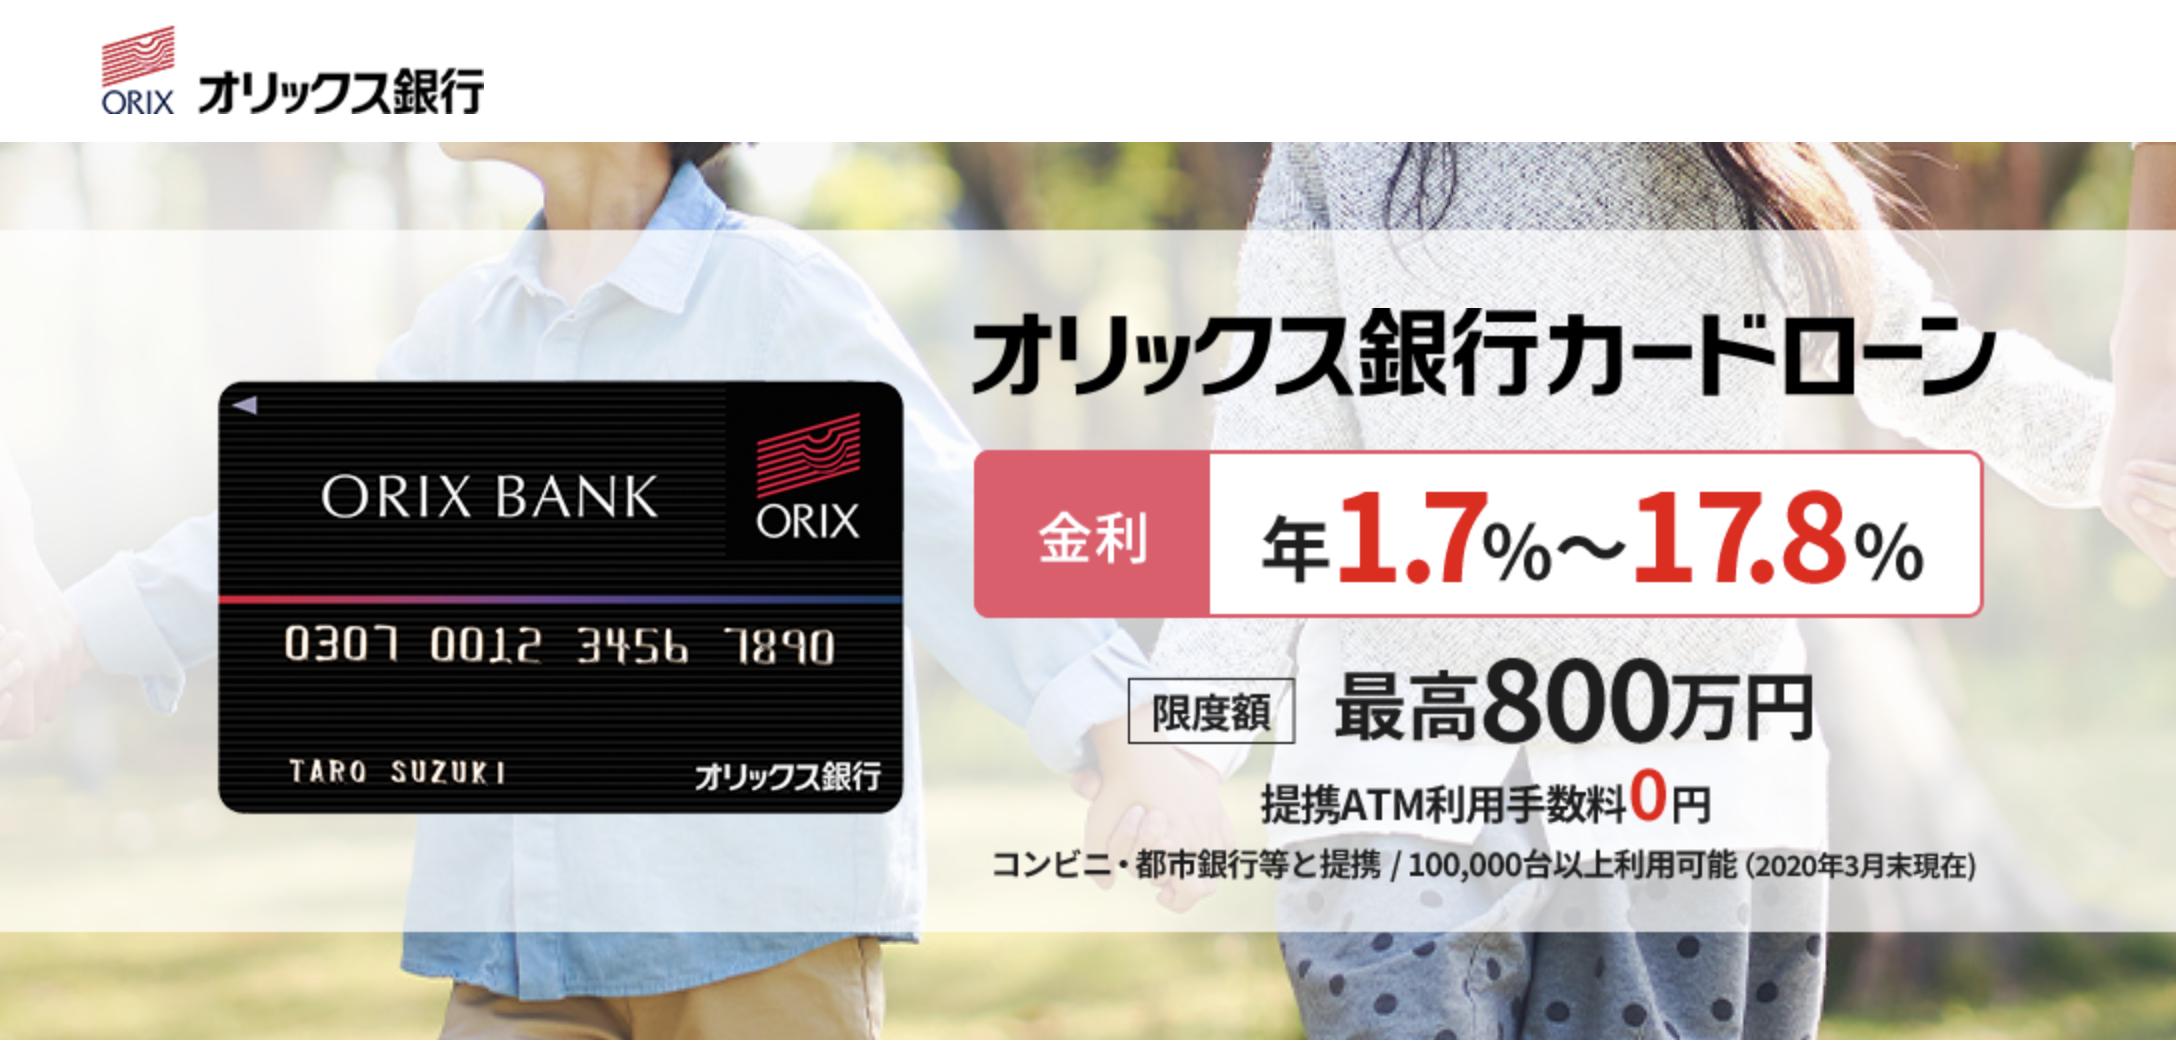 オリックス銀行カードローンのイメージ画像